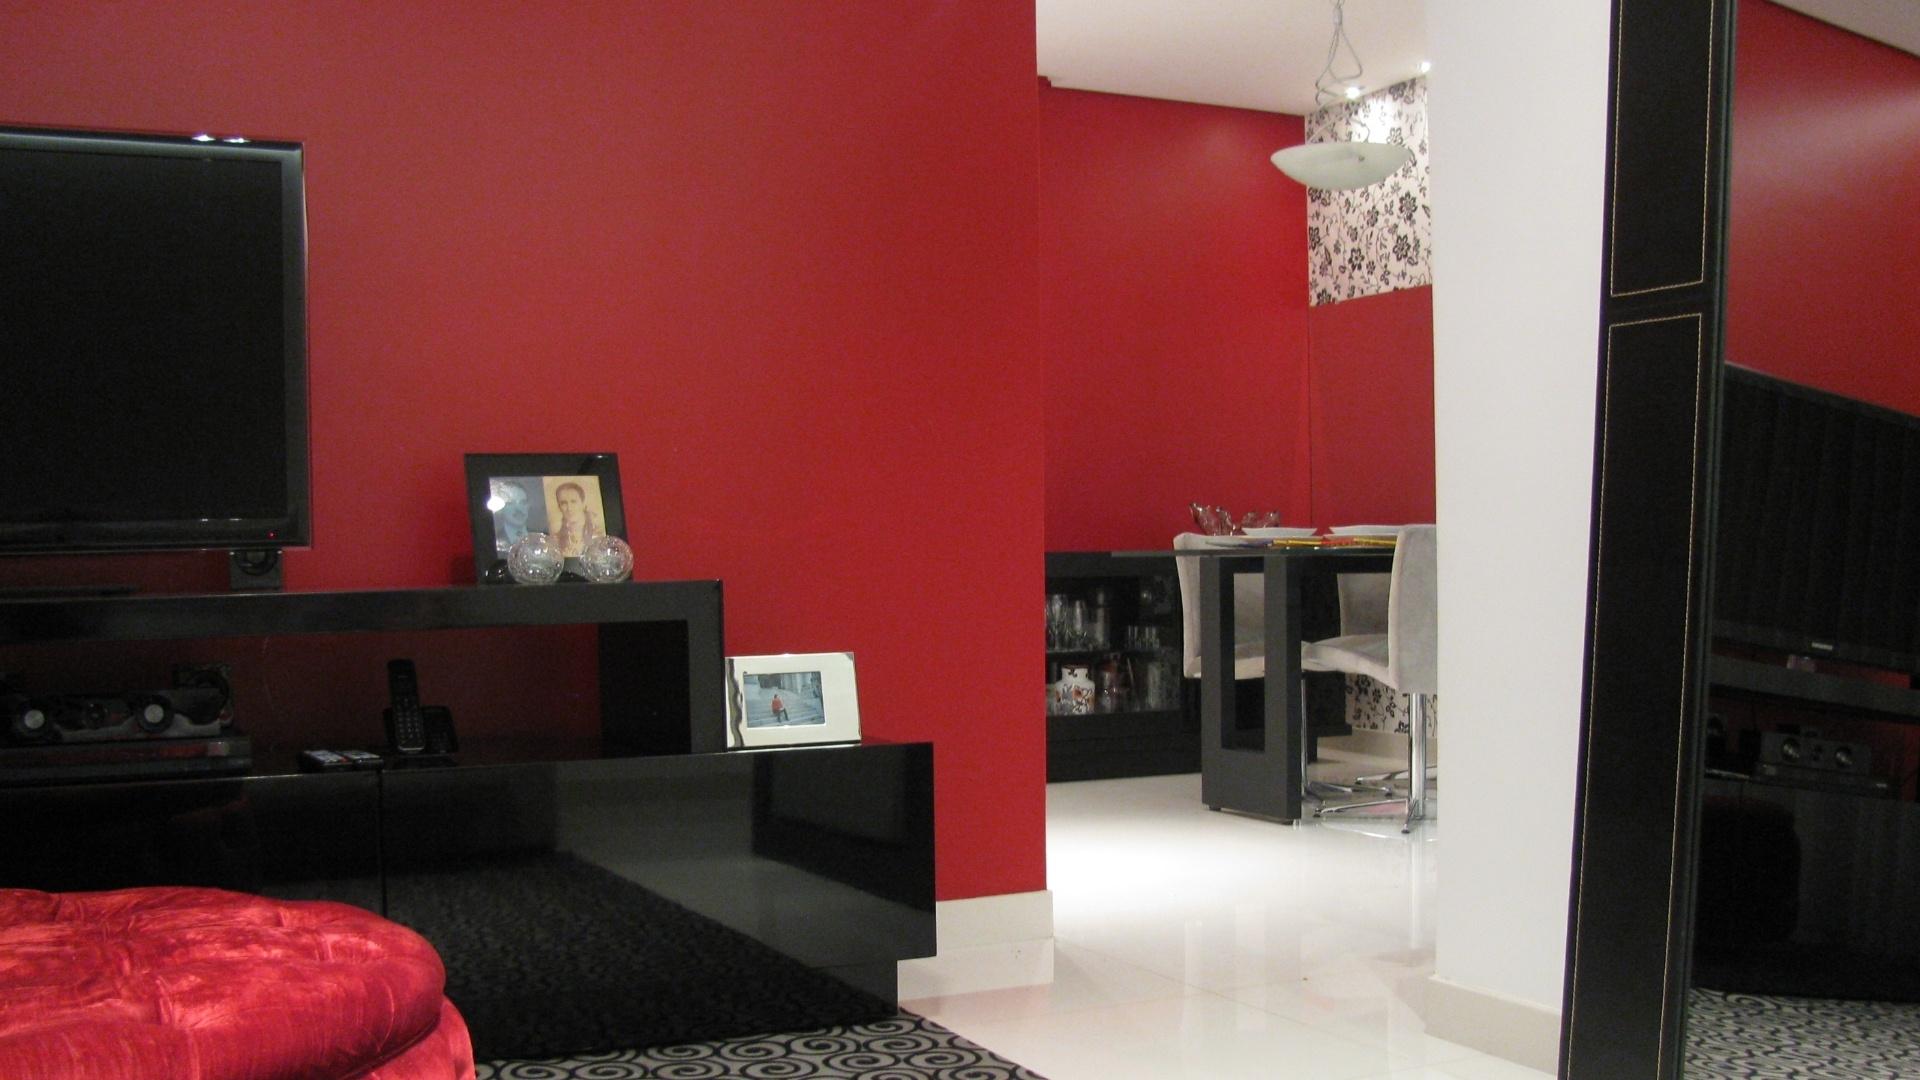 Pinturas decora quarto casal arabescos genuardis portal - Paredes decoradas modernas ...